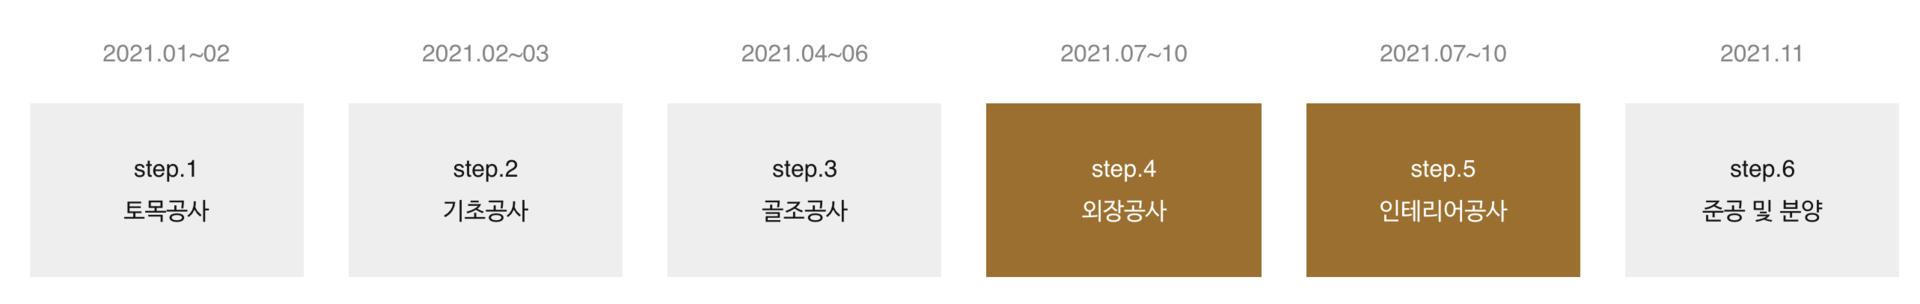 삼전동 슬로우밀리 611 - 7월 공사 진행 상황